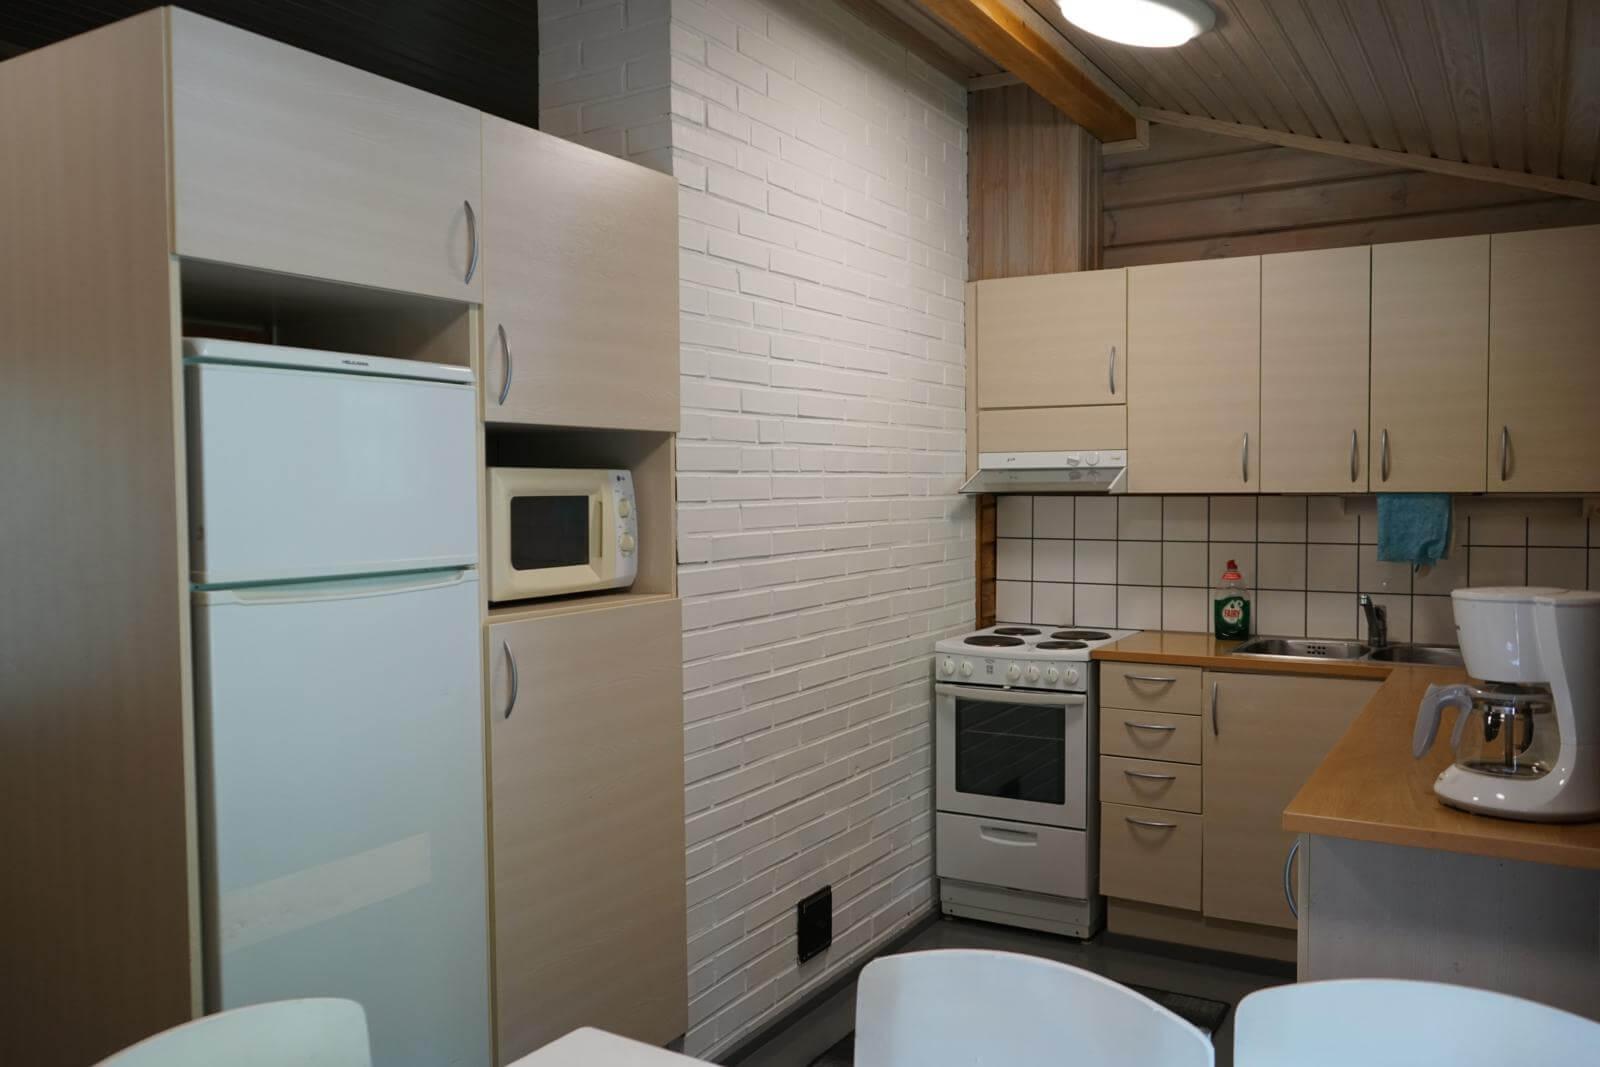 Tykkimäki Campingin lomamökin keittiössä on kaikki tarvittava